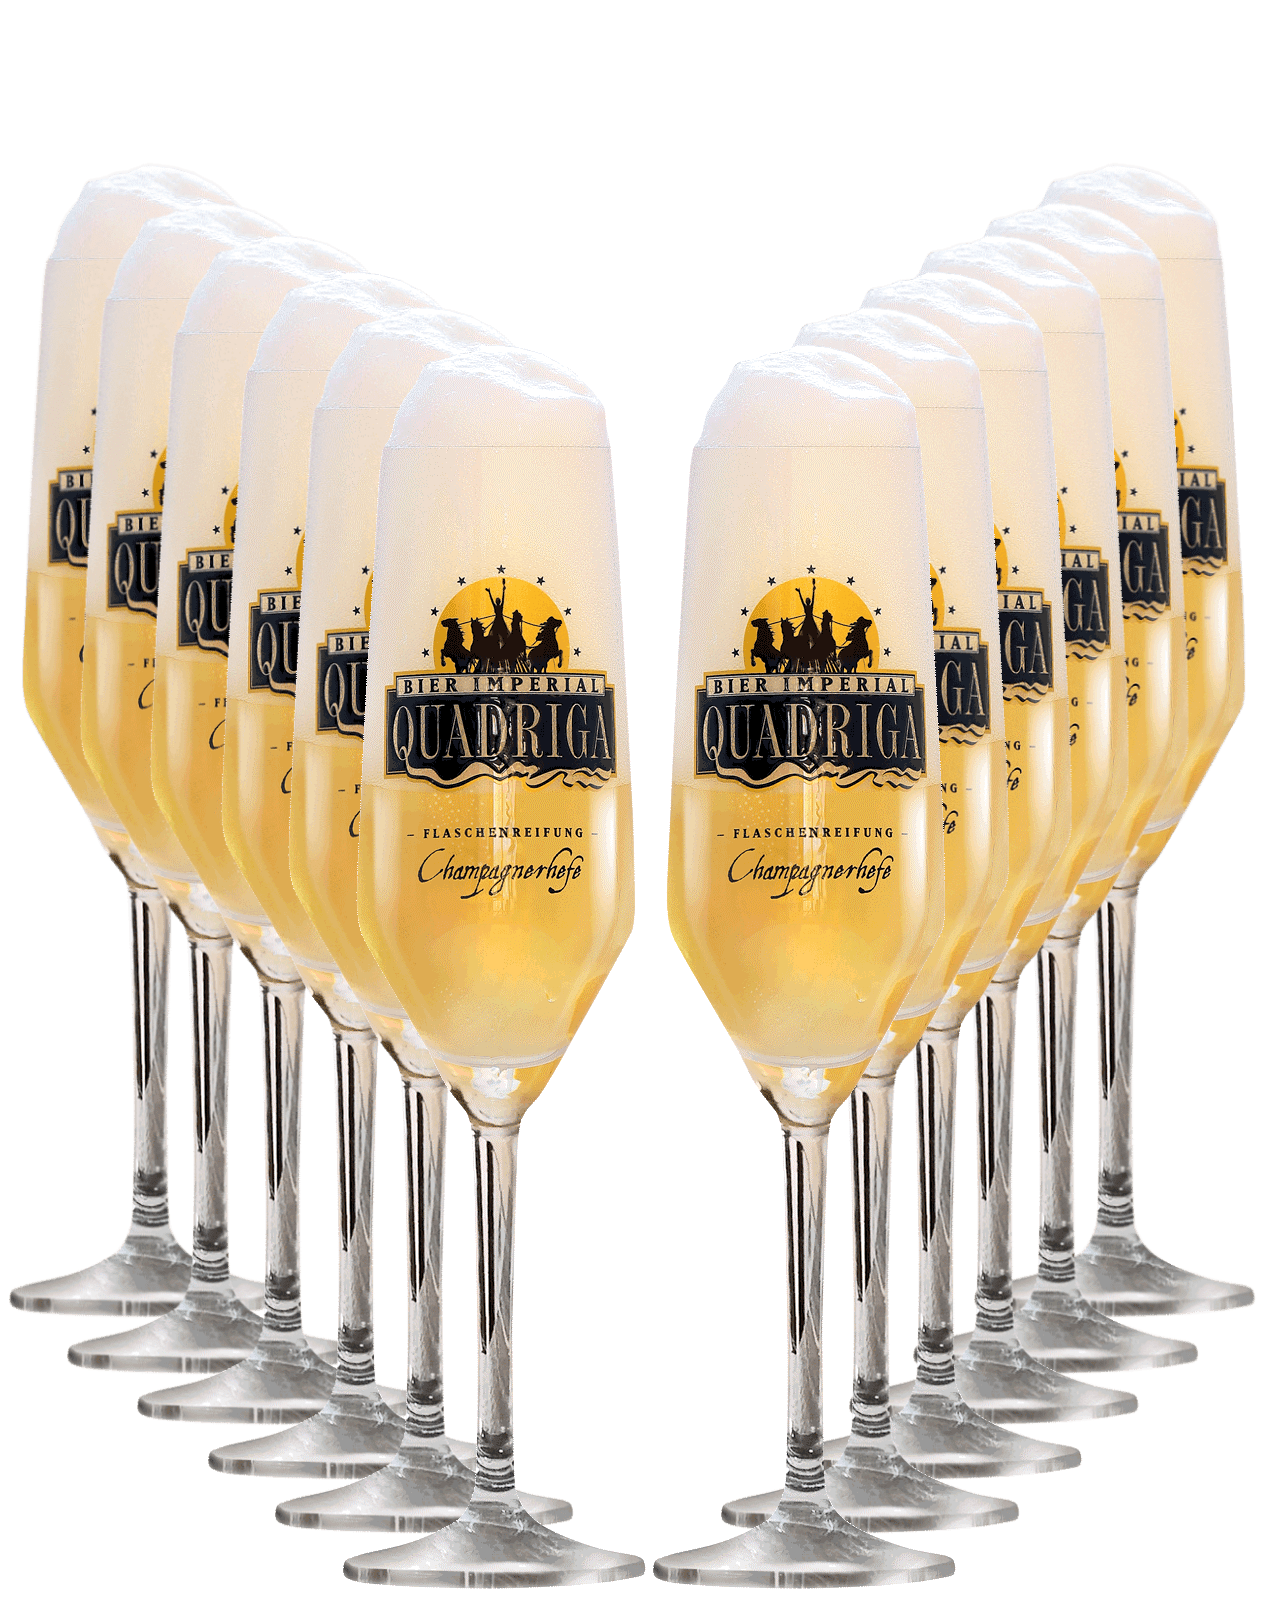 12 x Quadriga Glass - Imperial